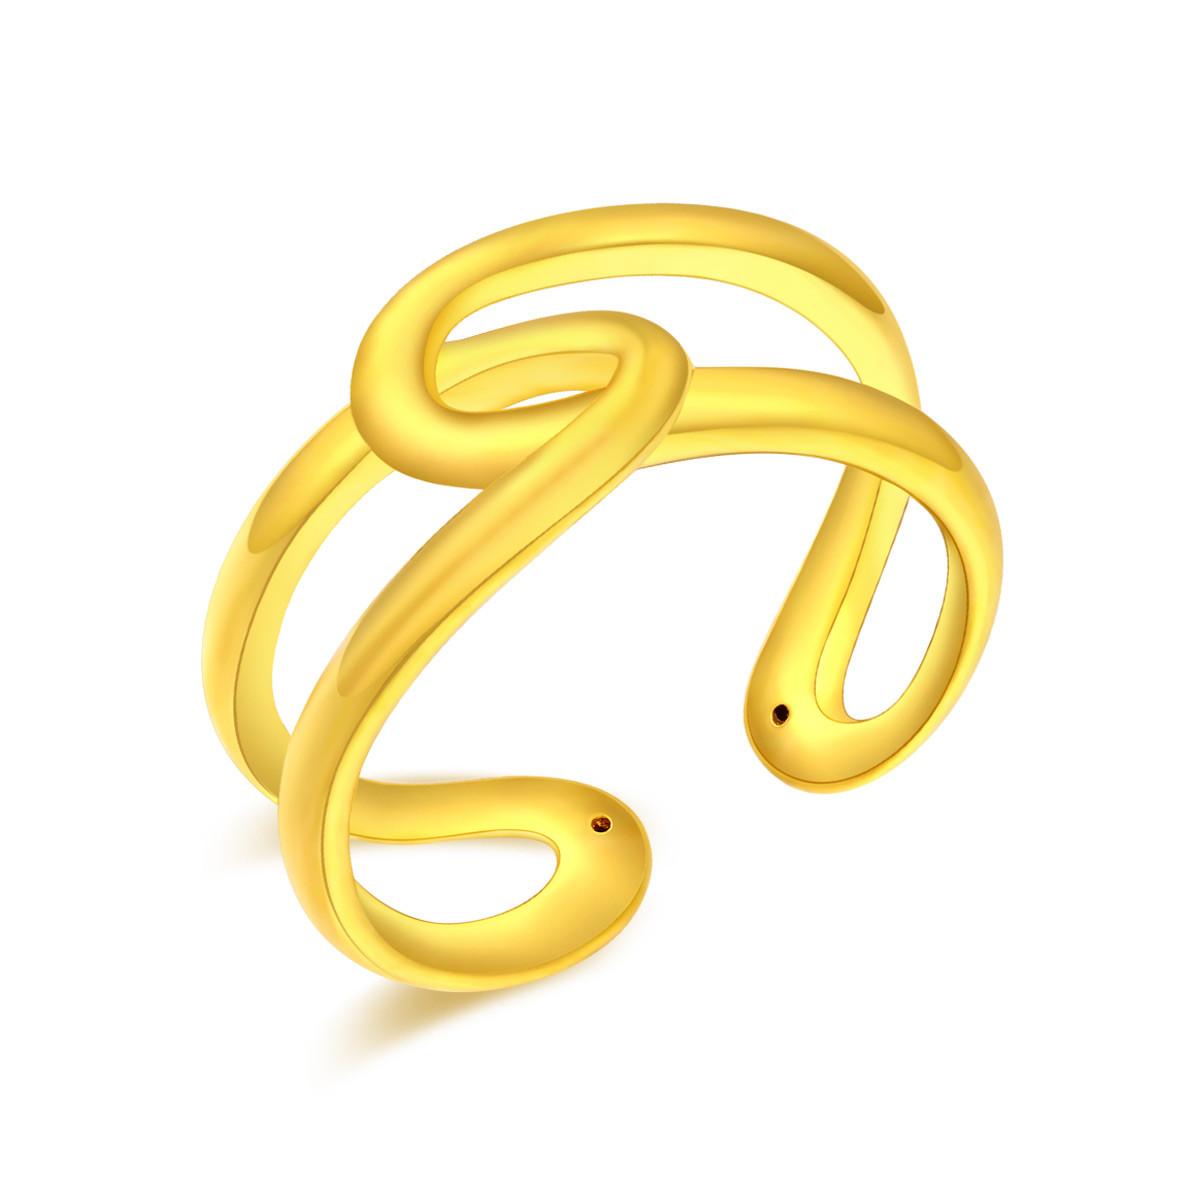 翠绿翠绿 3D硬金黄金女式戒指(计价)A08000020008